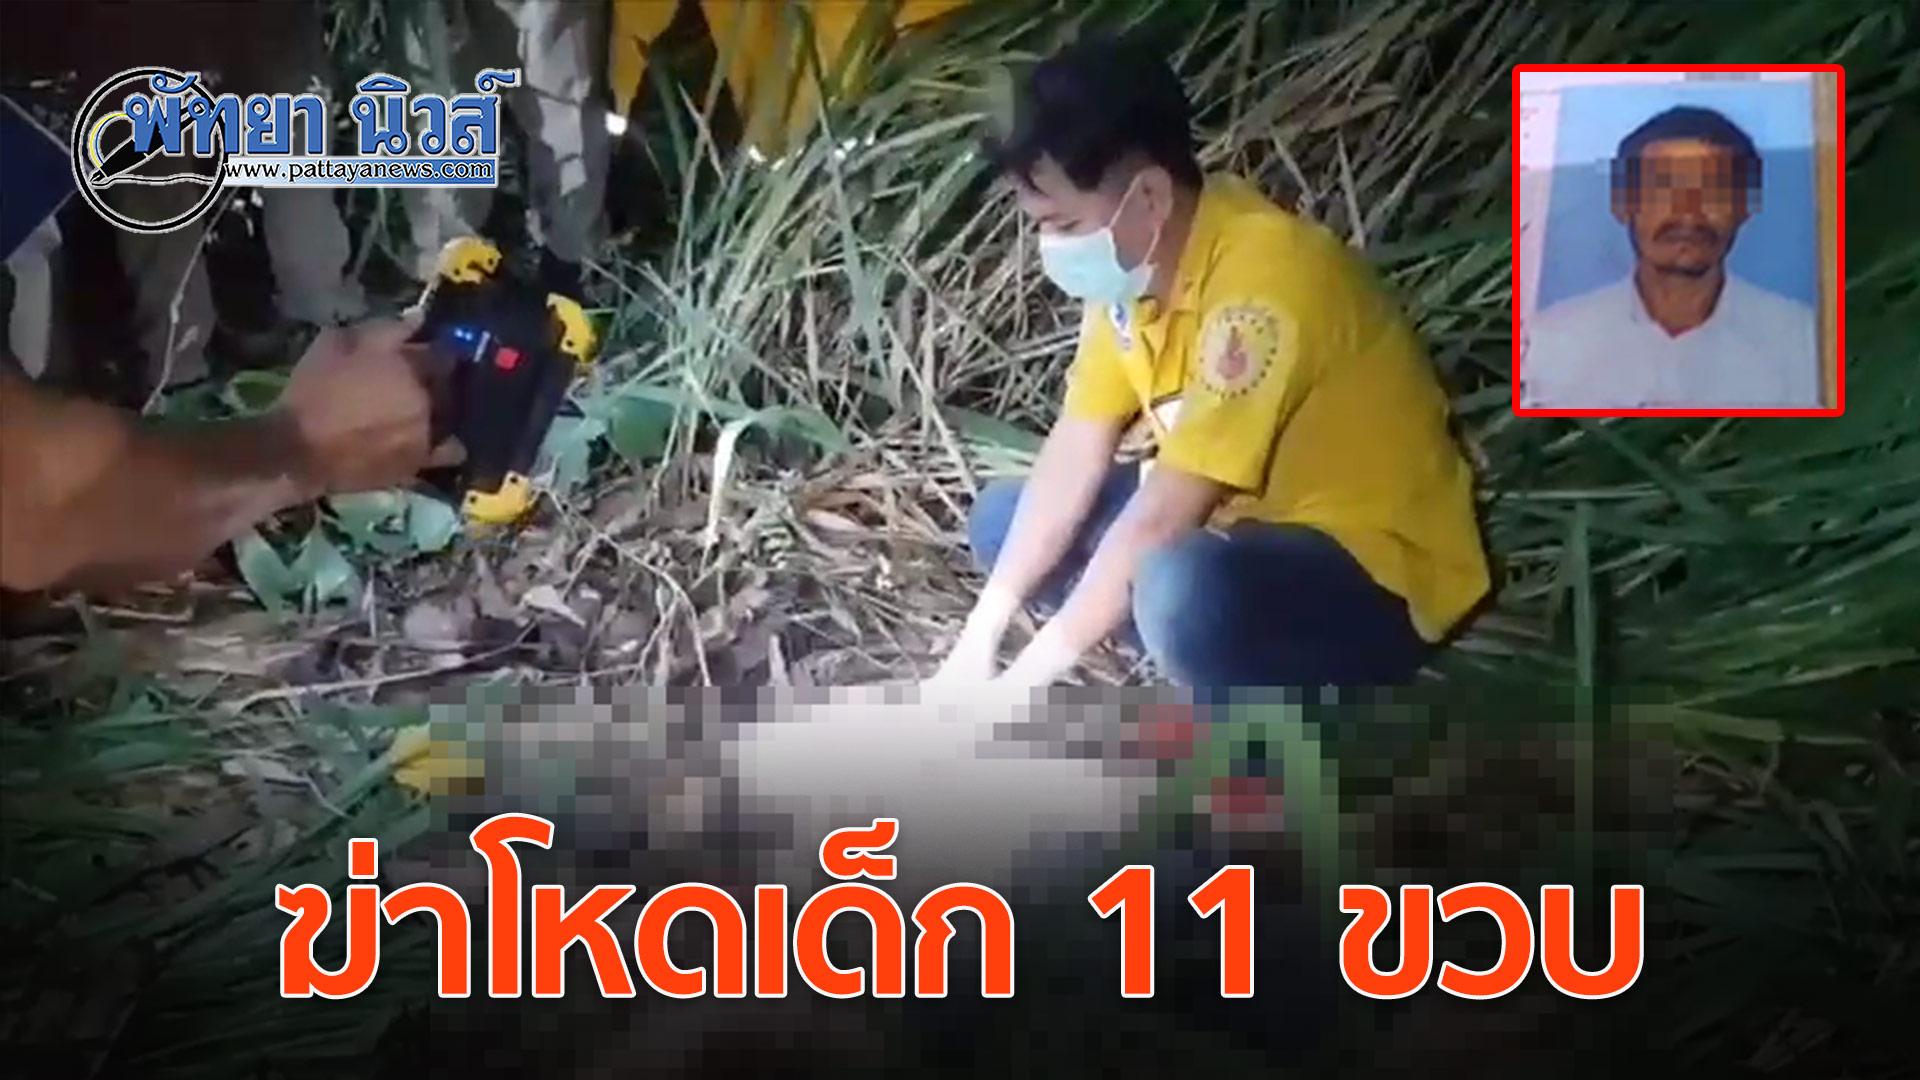 หนุ่มใหญ่ชาวพม่า คว้ามีดฟันหน้าเด็กวัย 11 ปี หมกป่าหญ้า แม่เผยถูกขู่ฆ่ามานาน